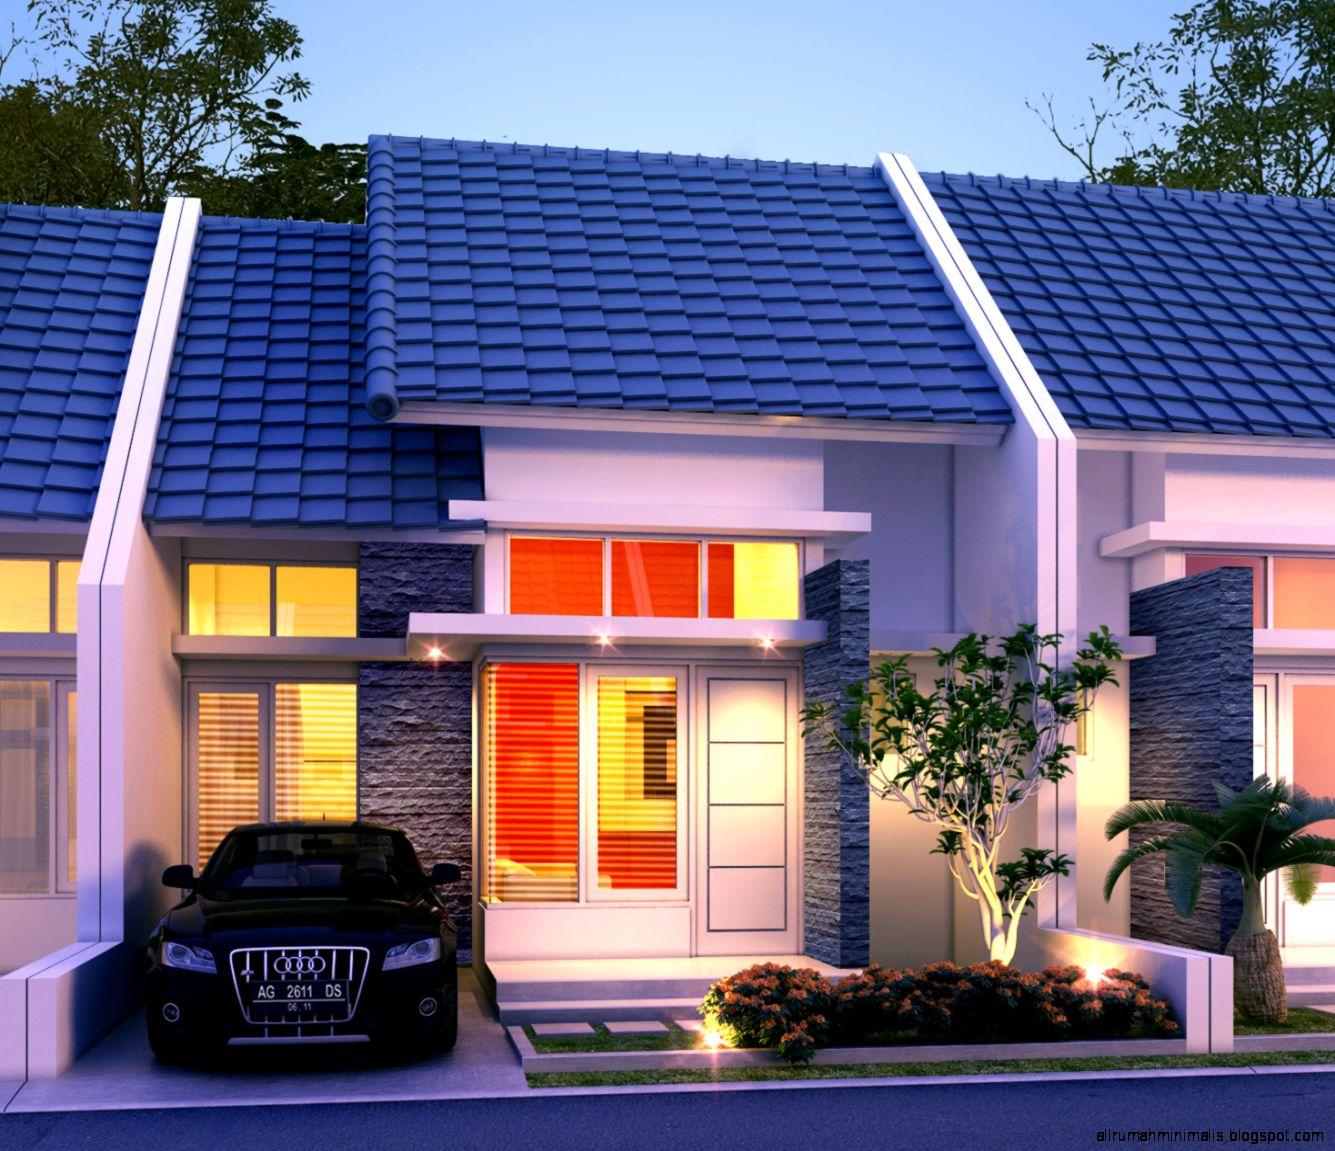 Foto Rumah Minimalis Tipe 36 | Design Rumah Minimalis